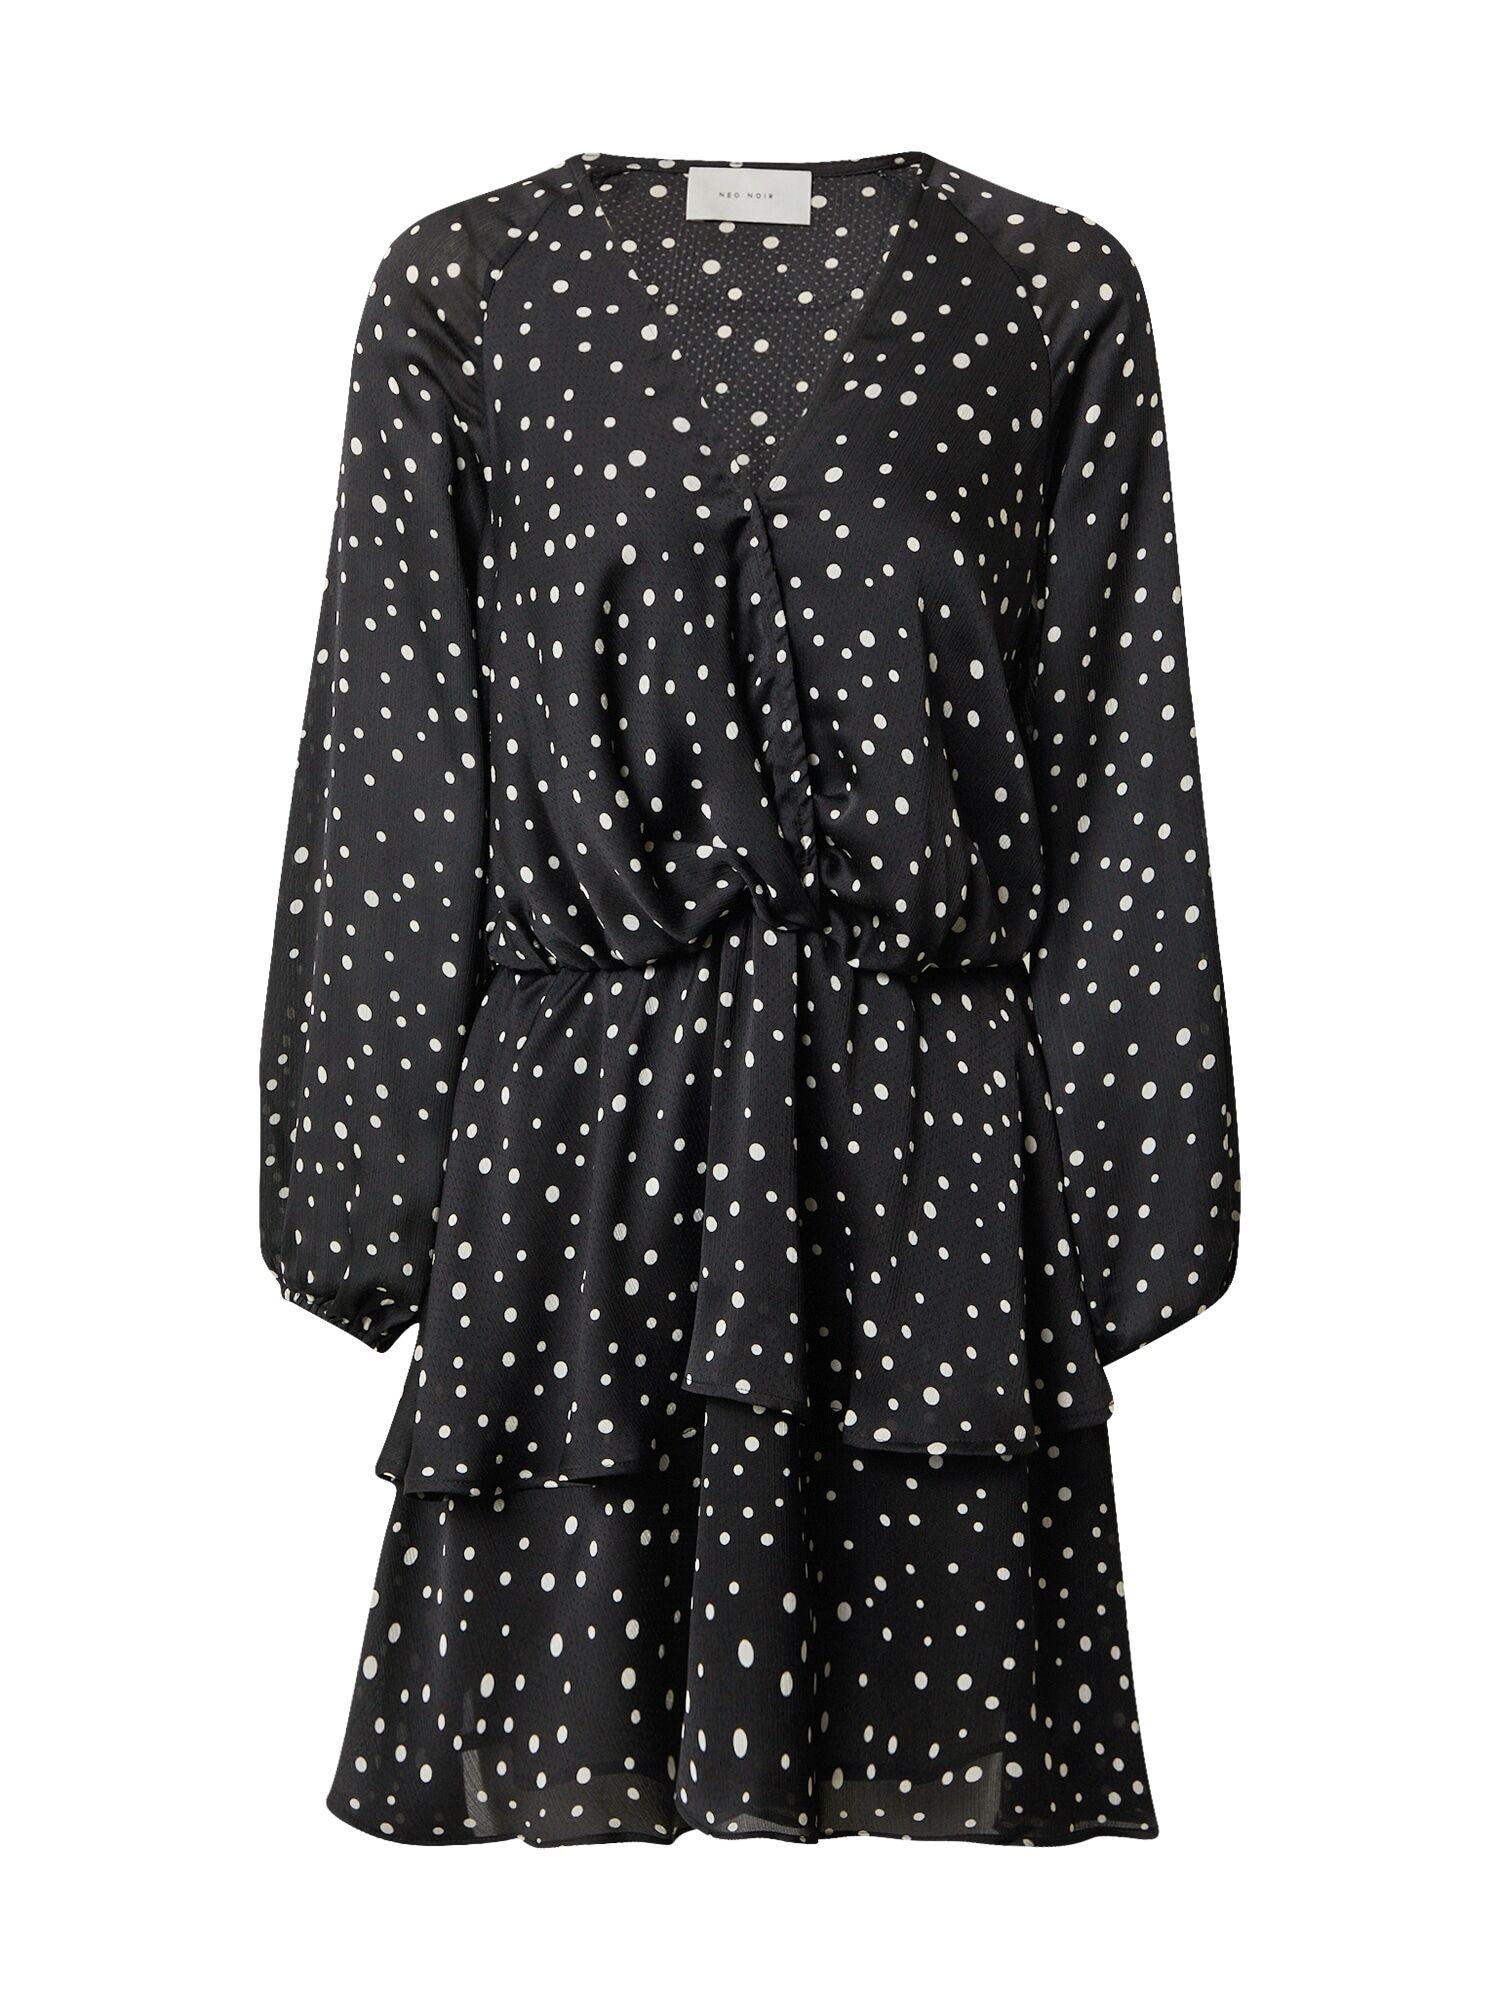 Neo Noir Robe 'Aurora'  - Noir - Taille: M - female